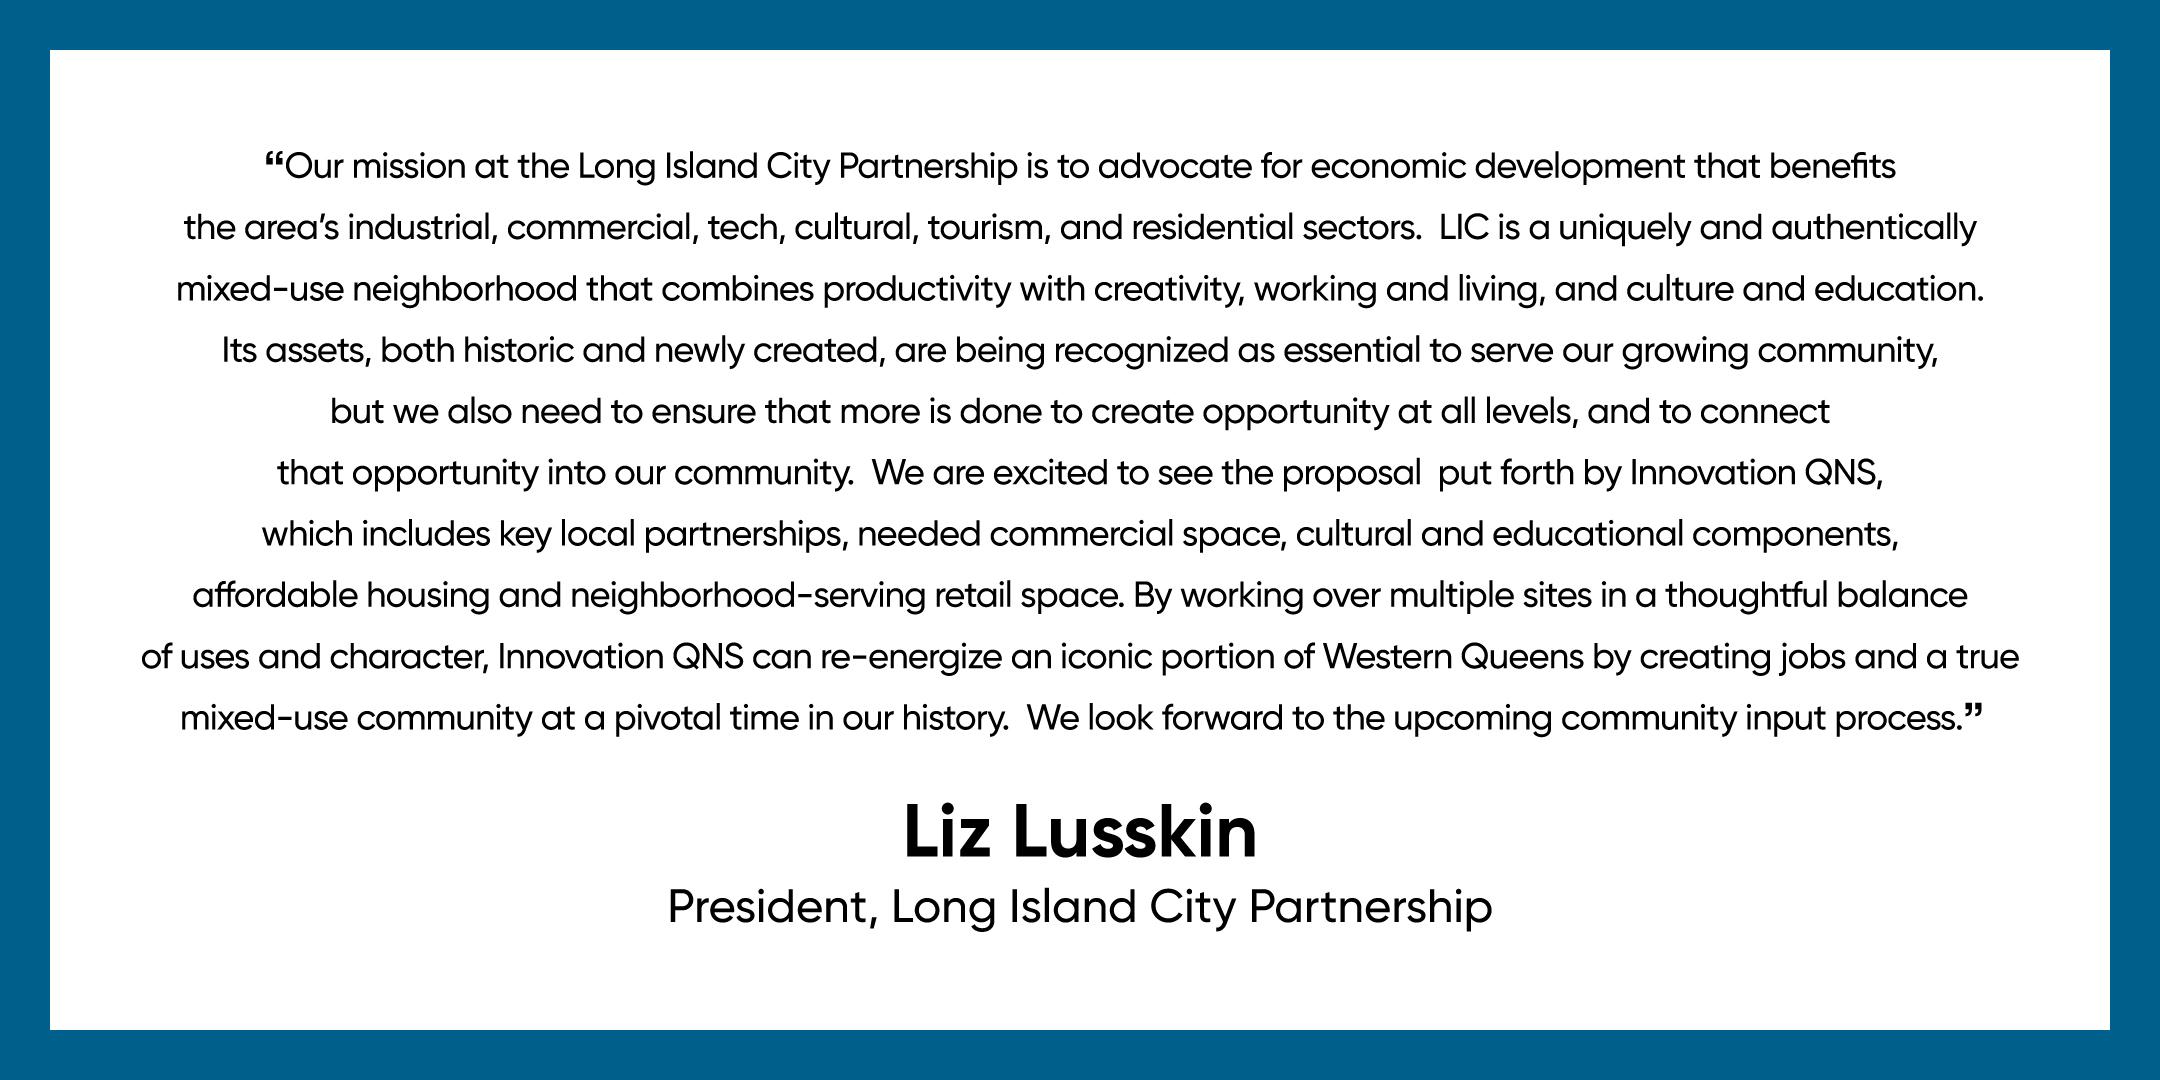 Liz Lusskin